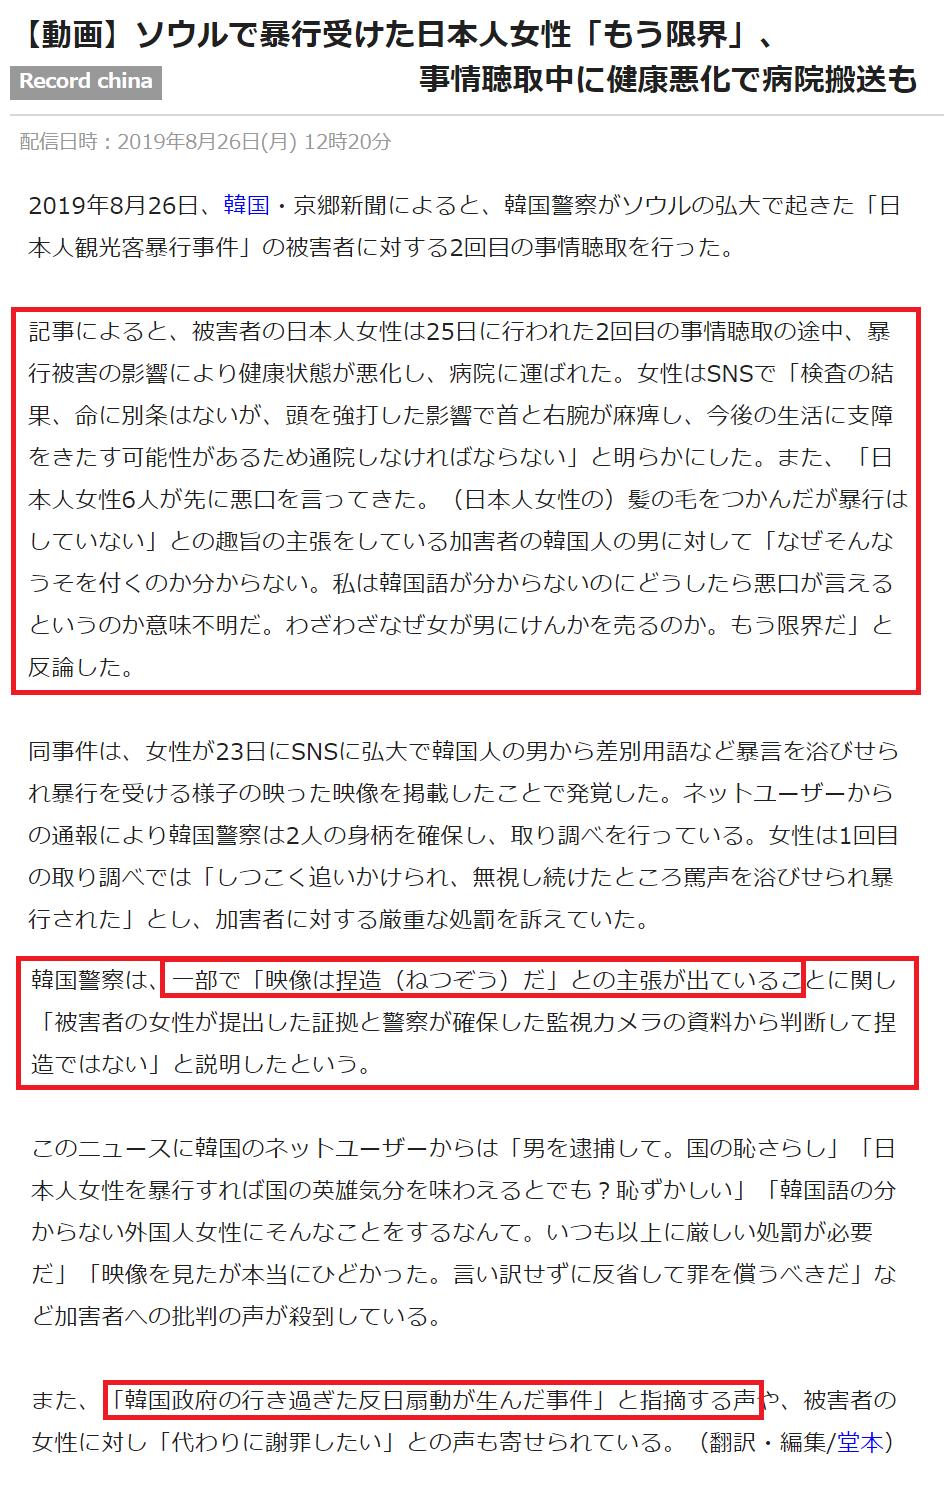 朝鮮人暴行されて暴言を吐かれた日本人女子「もう限界」